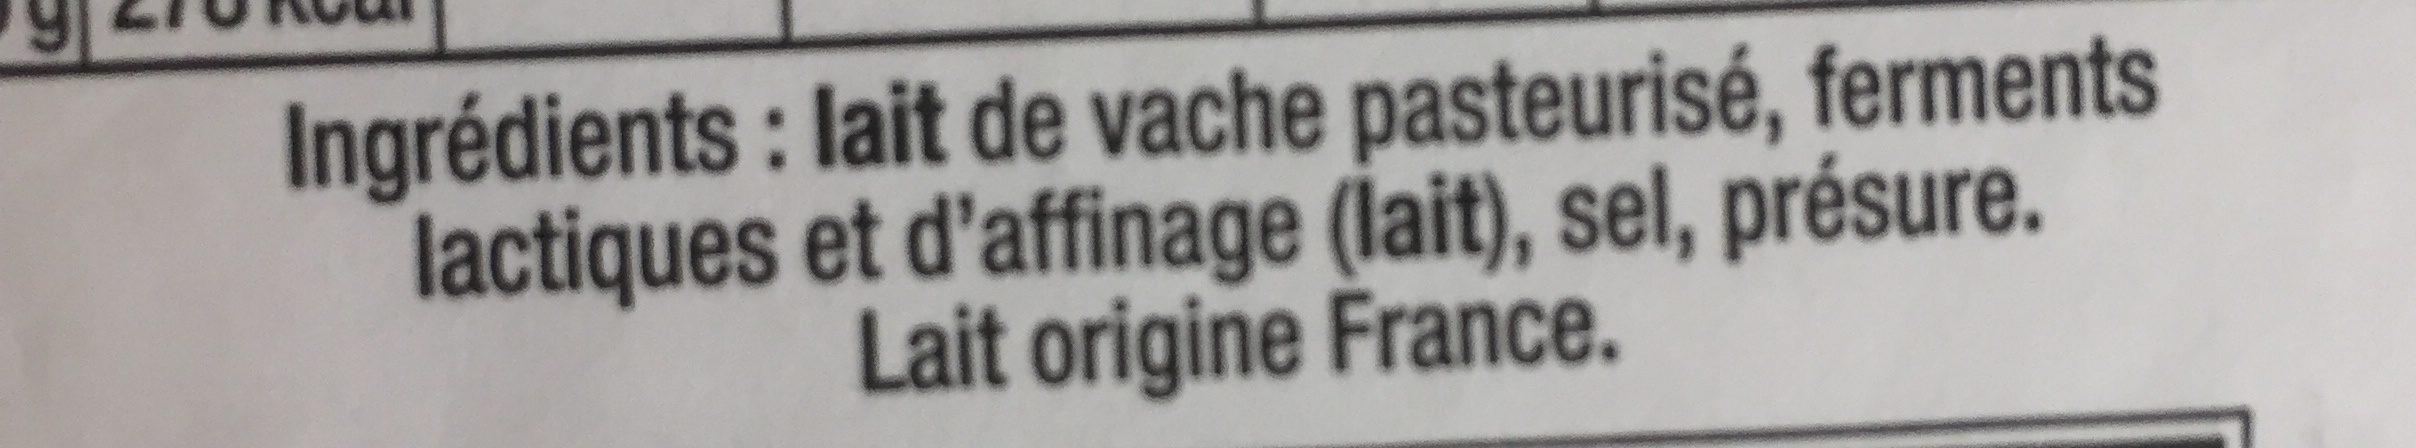 Camembert +10% gratuit - Ingrédients